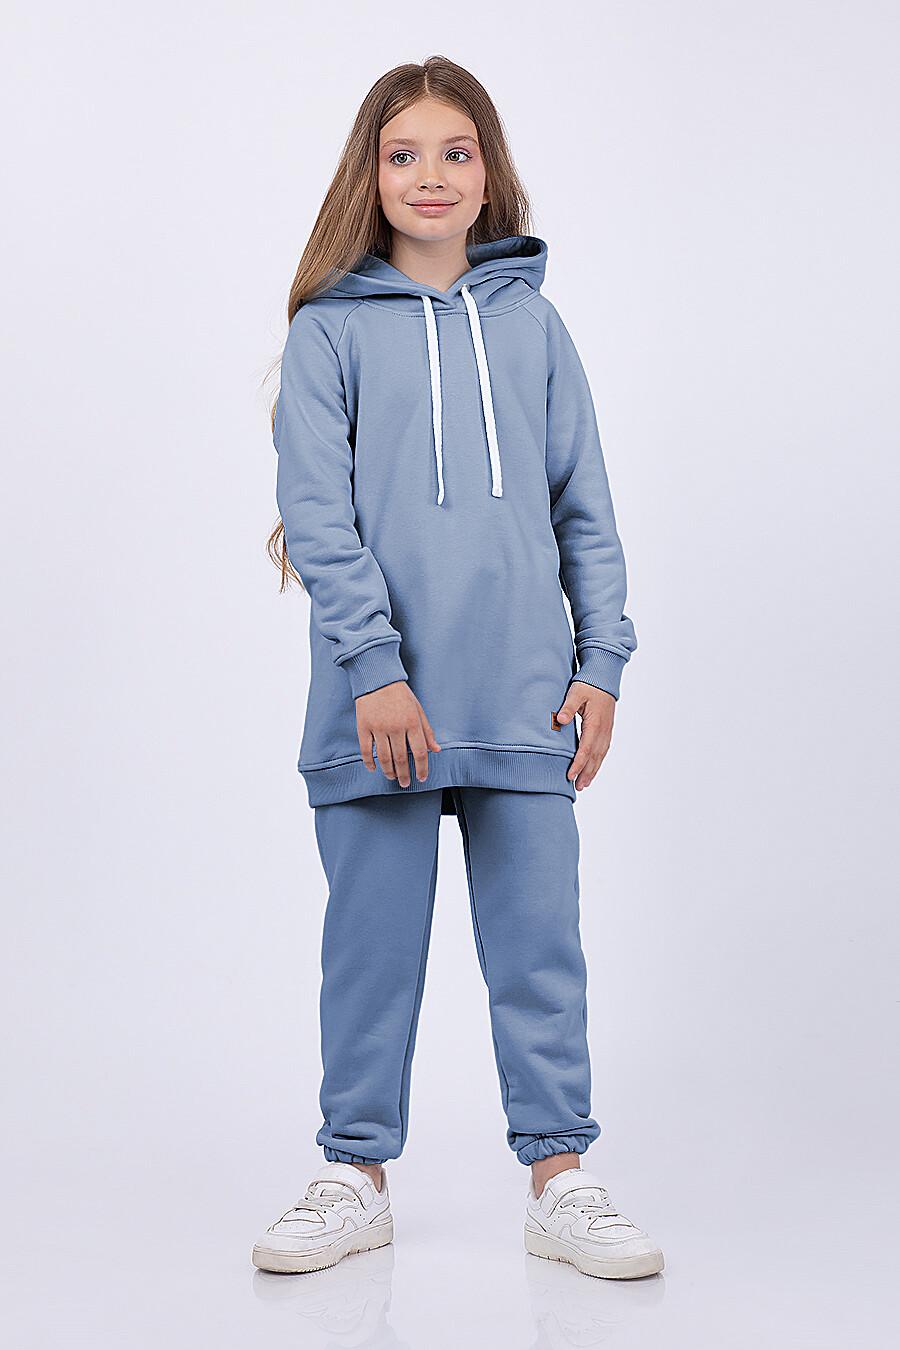 Брюки для девочек EZANNA 682645 купить оптом от производителя. Совместная покупка детской одежды в OptMoyo